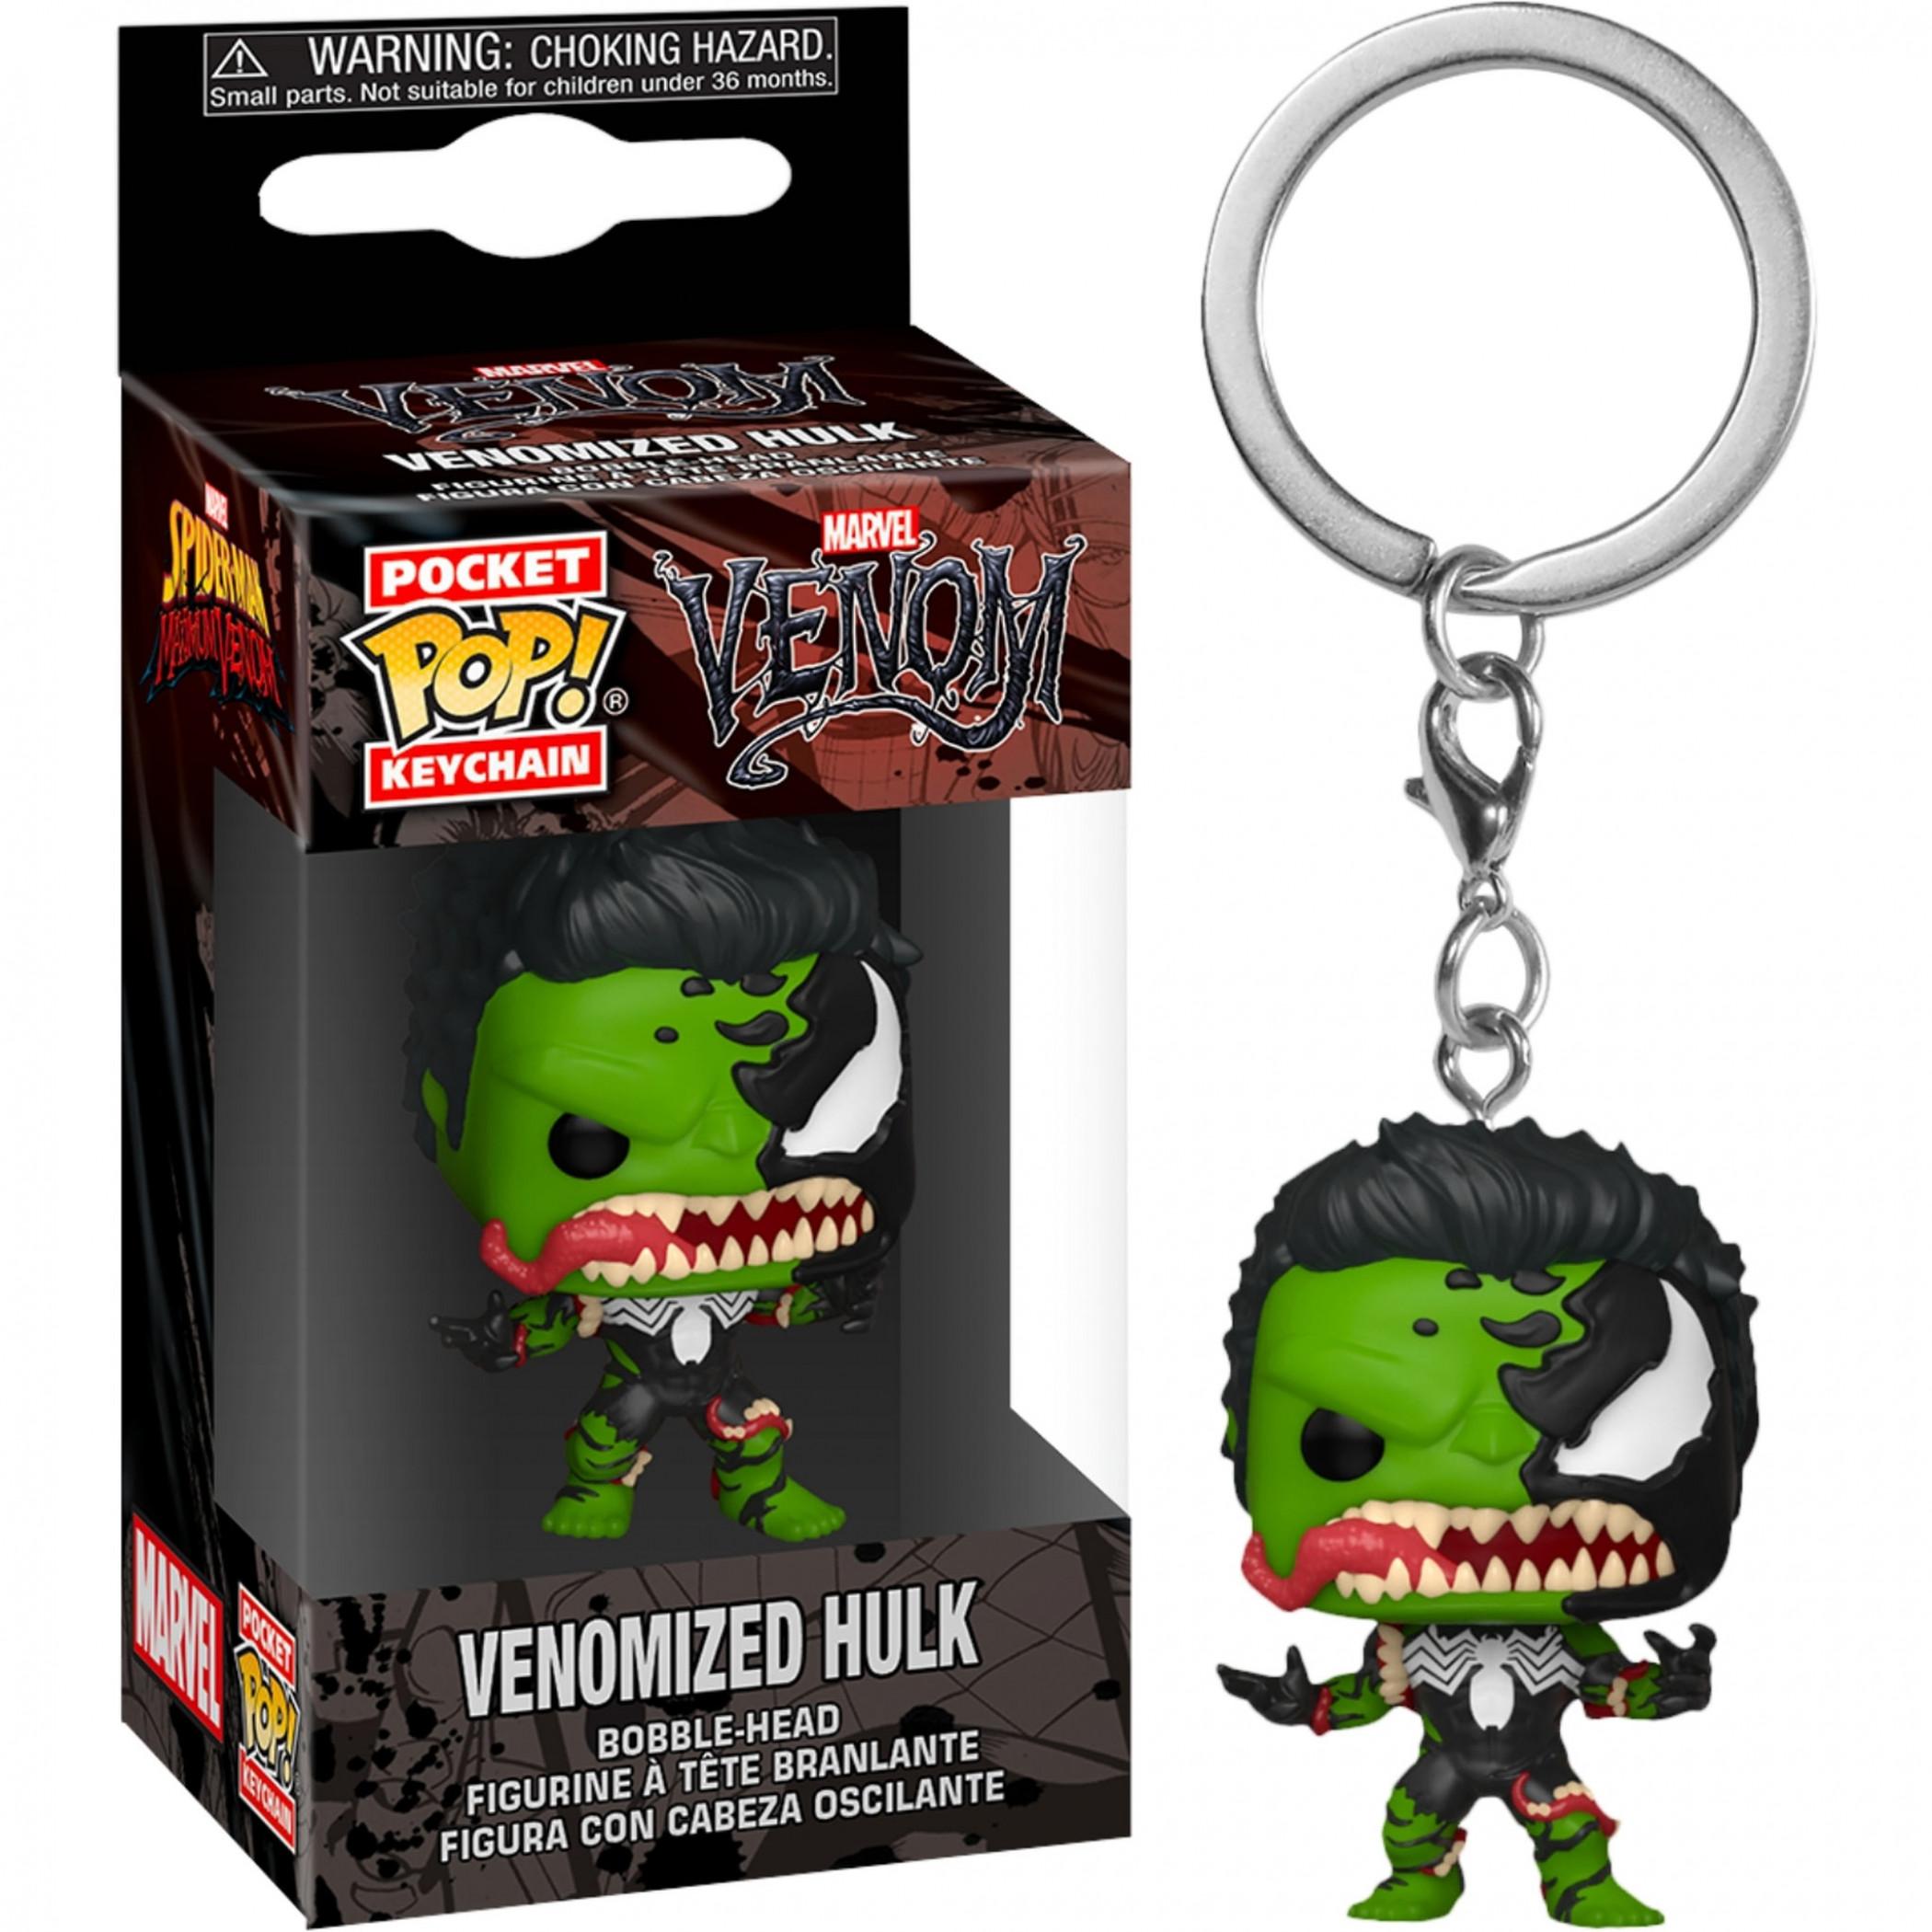 Venom and Hulk Mashup Funko Pop! Keychain